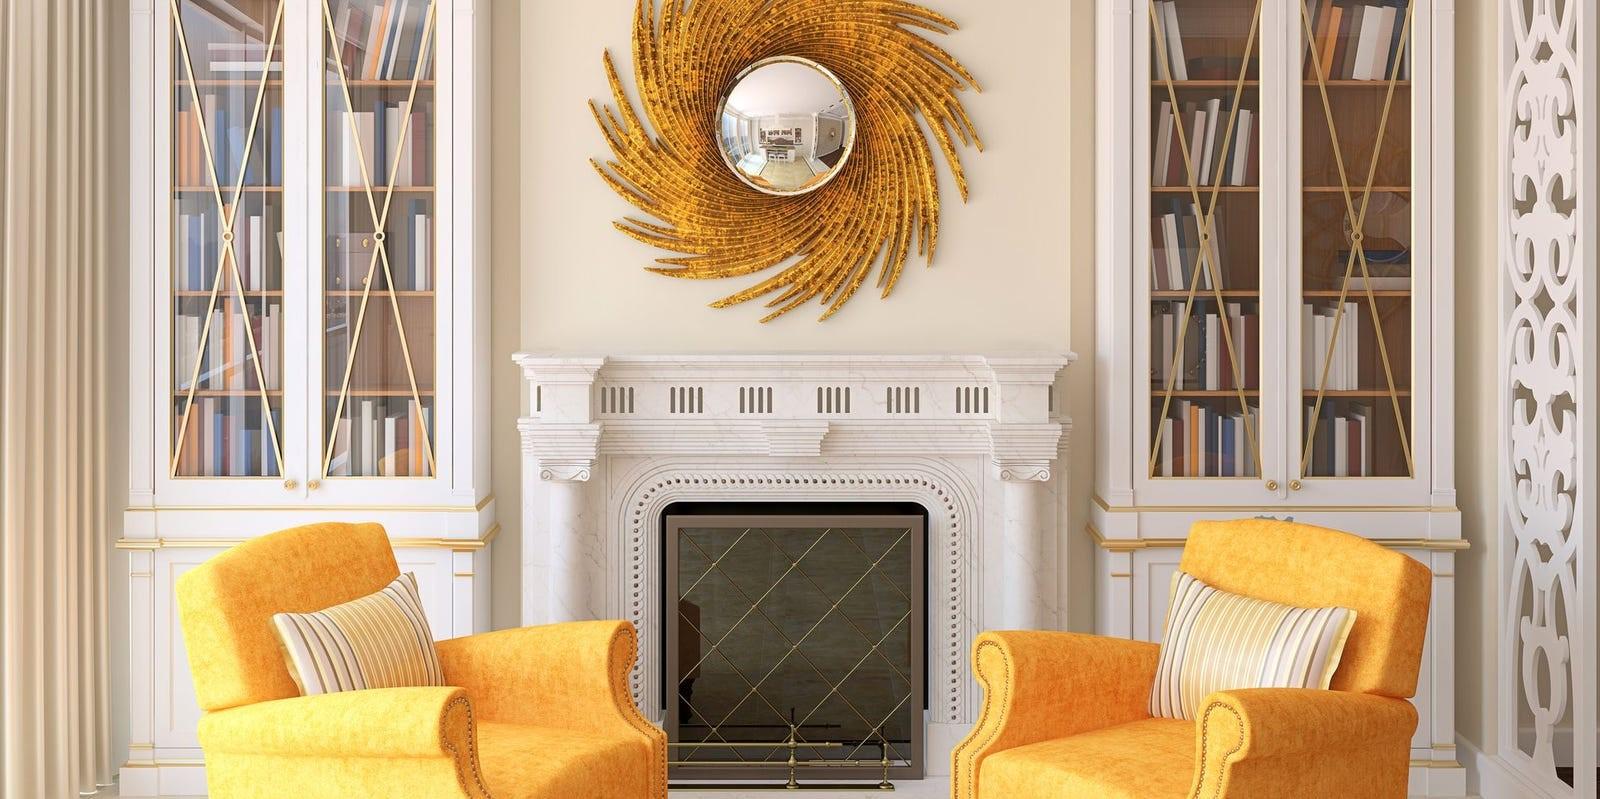 Une paire de chaises jaune ensoleillée double l'impact saisissant du miroir brillant.